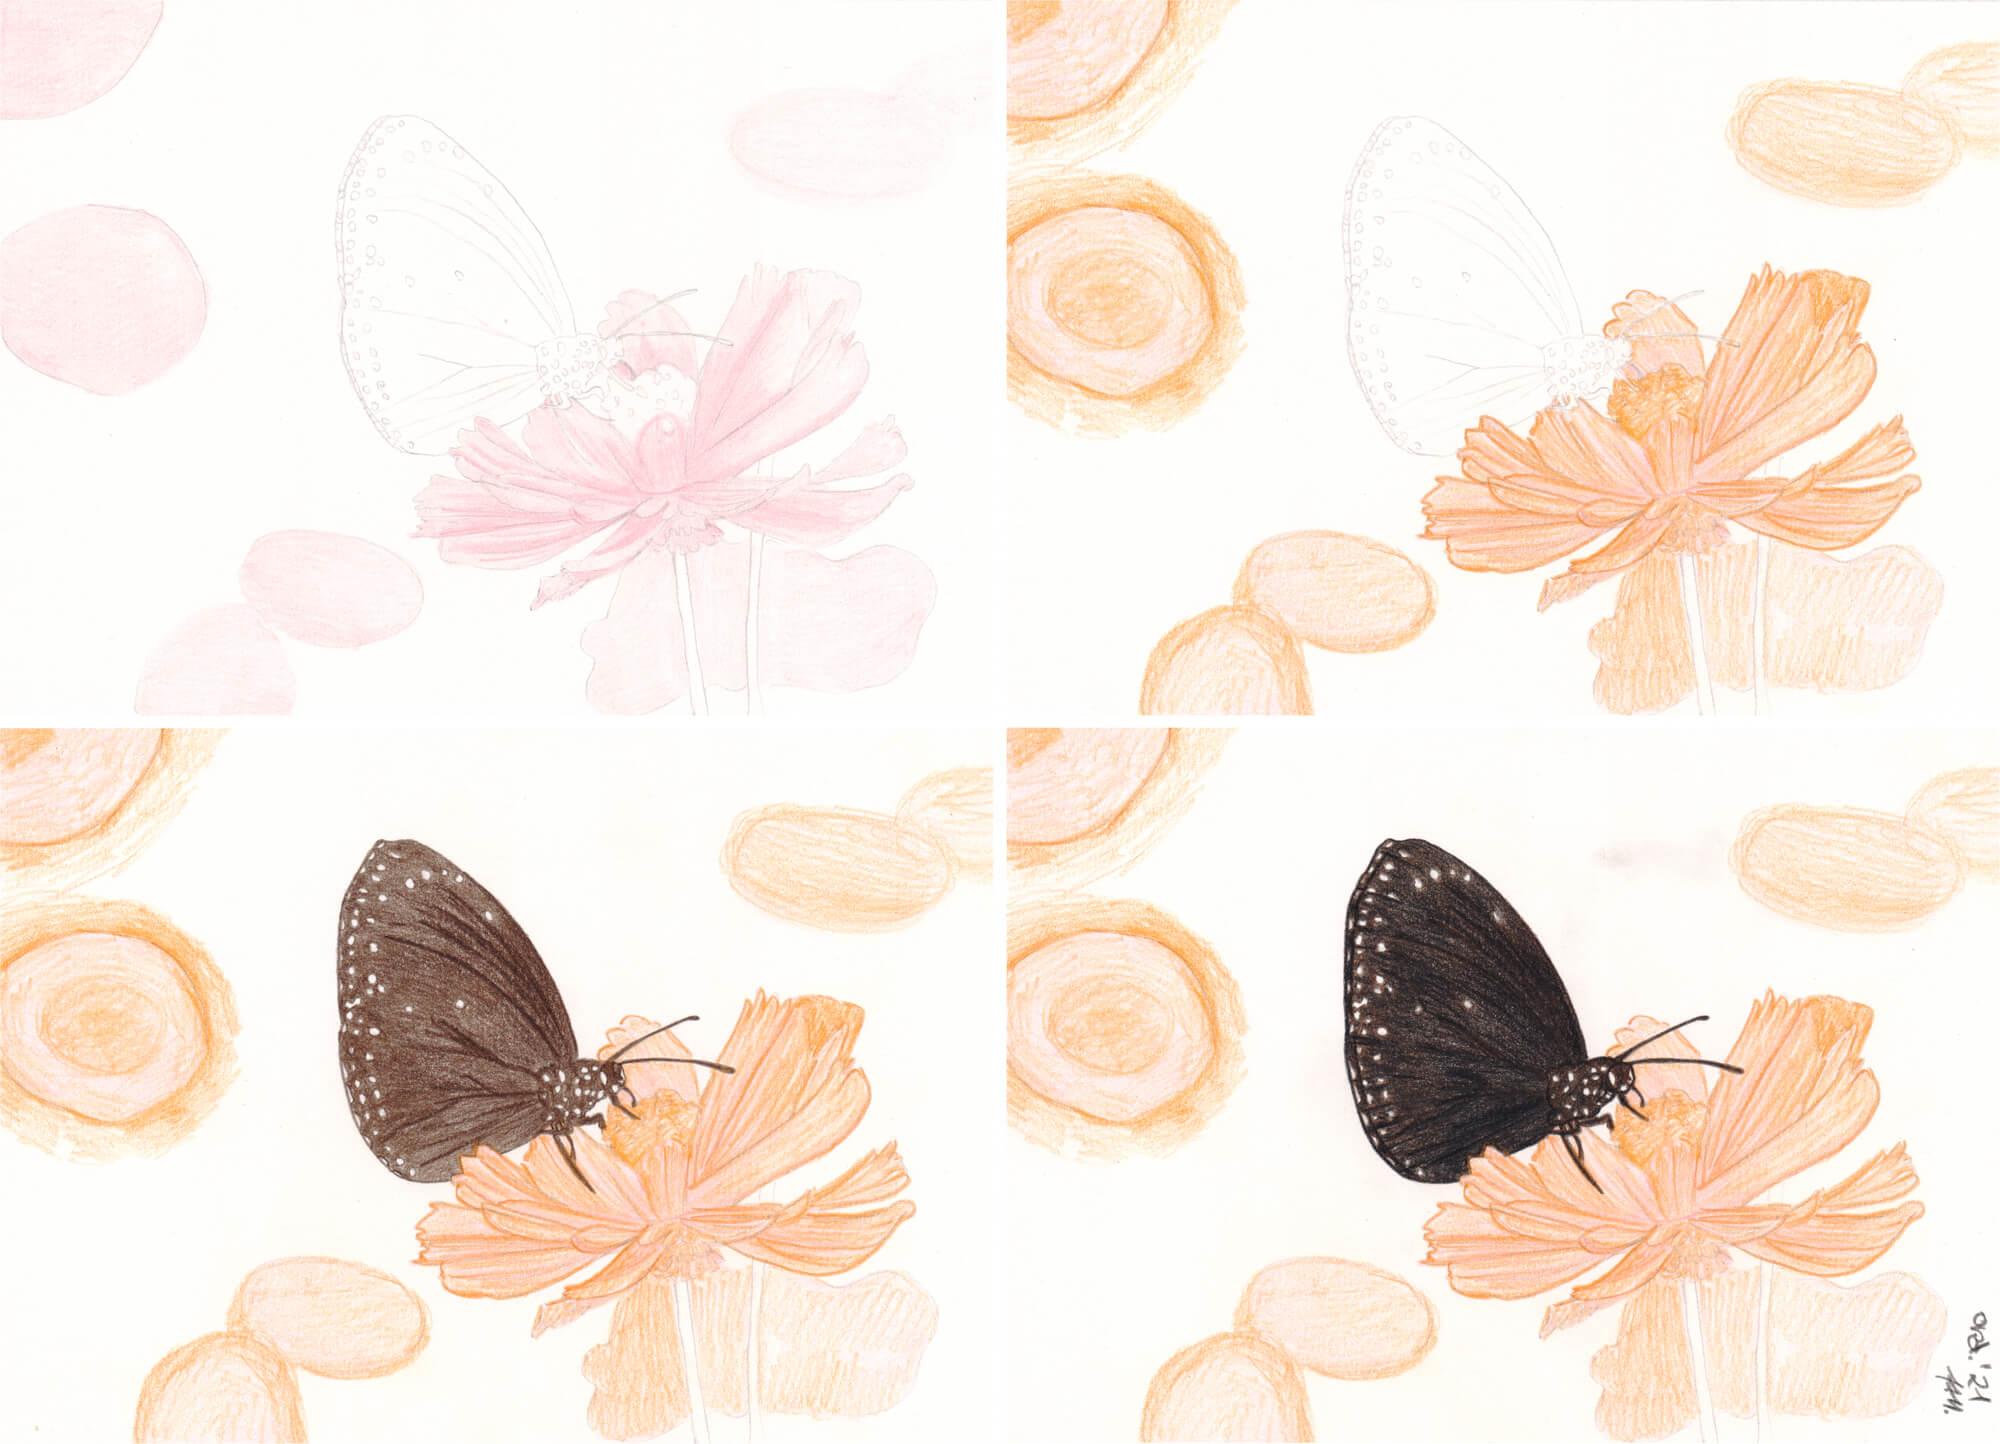 Schmetterling zeichnen mit Mitsubishi uni No. 888 Buntstiften